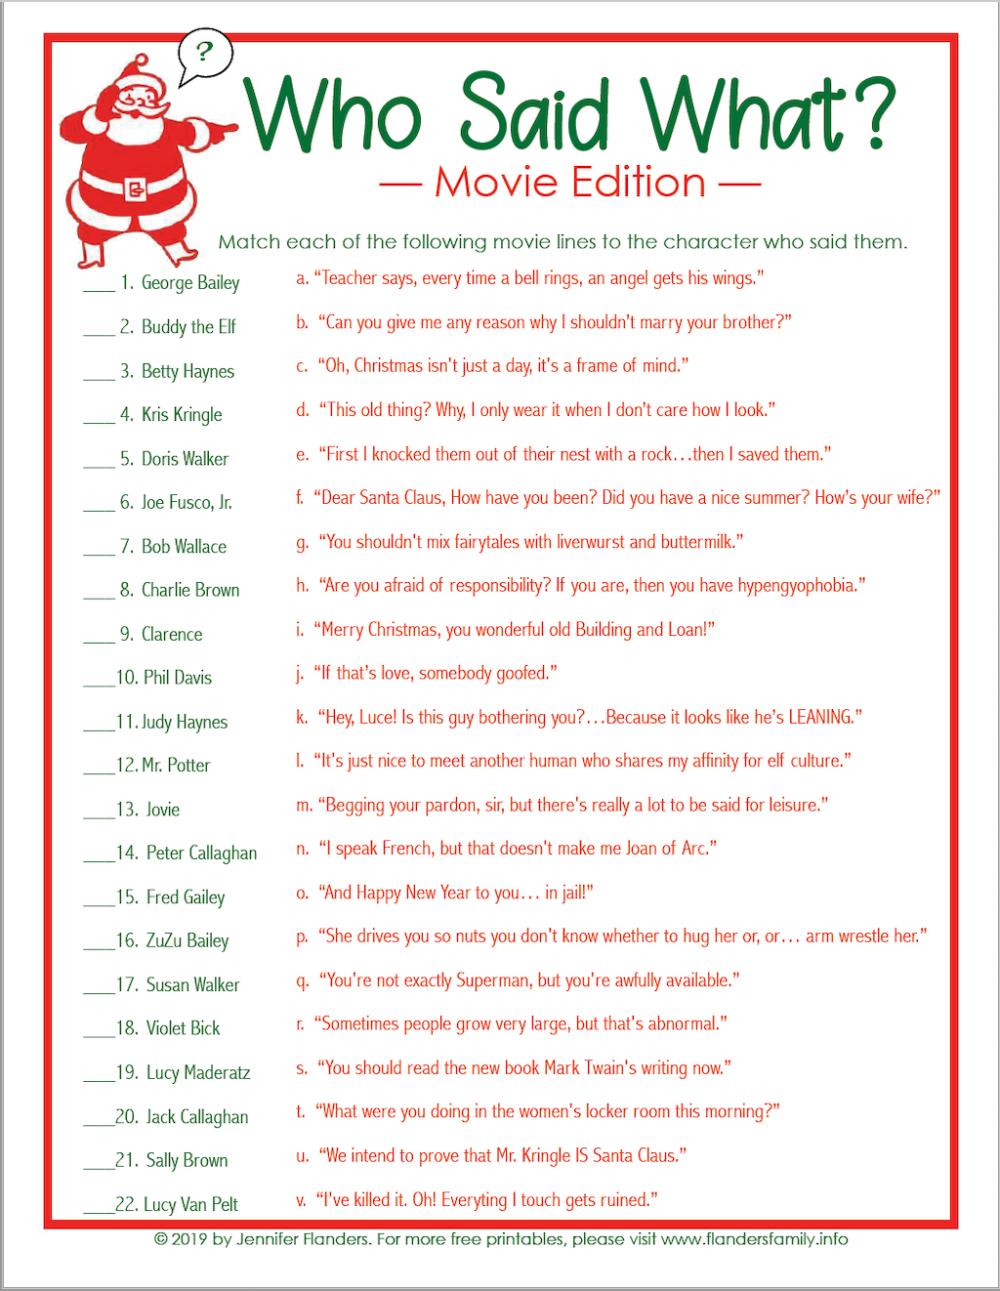 Who Said What Christmas Trivia Game Christmas Printable Christmas Trivia Games Christmas Trivia Christmas Quiz